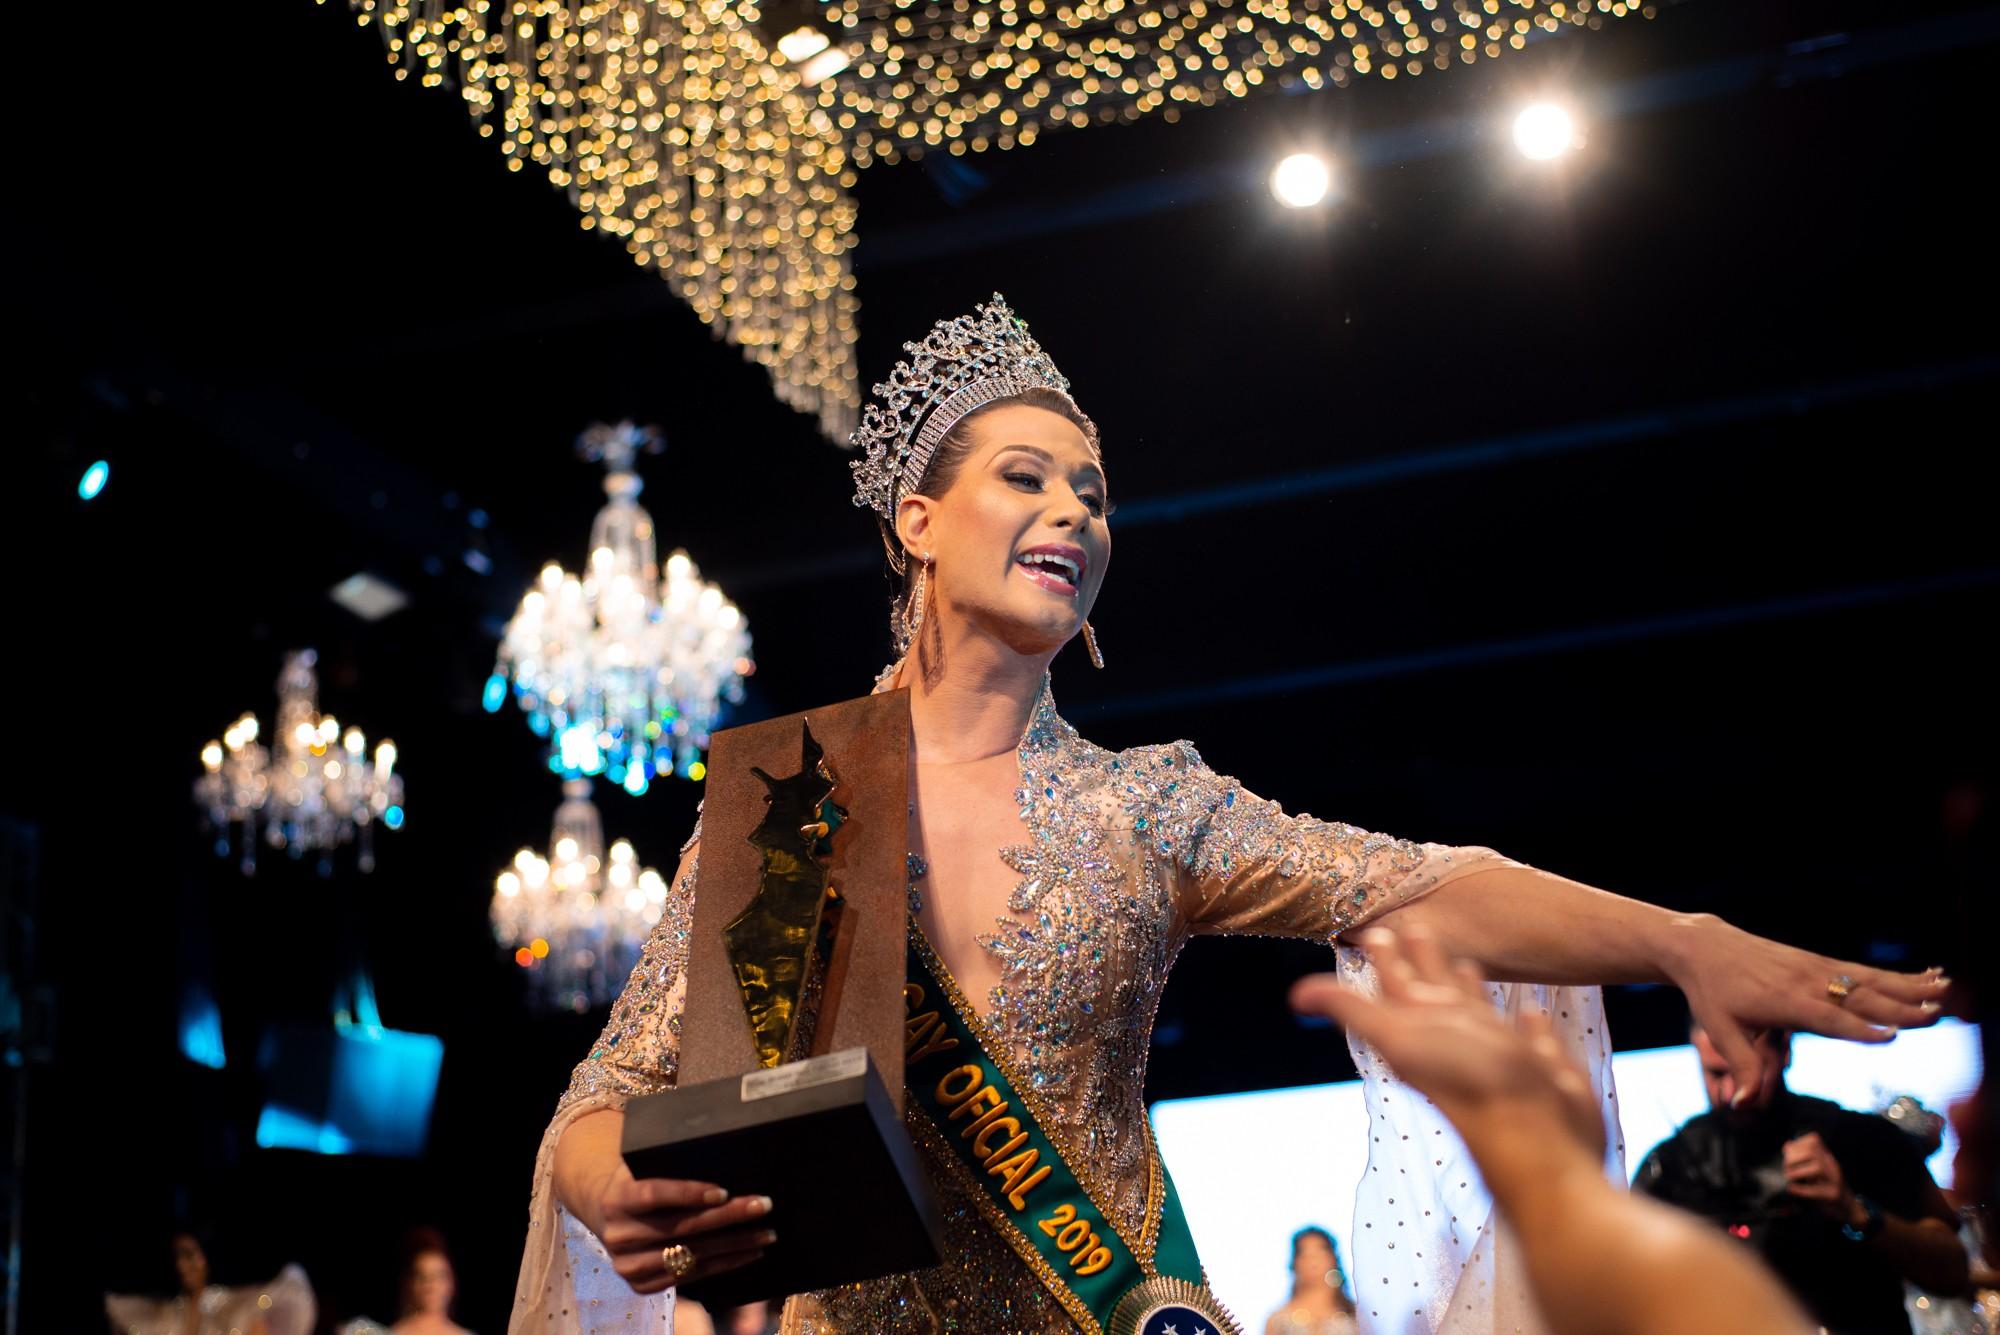 Antonia Gutierrez, representante de Pernambuco, é eleita Miss Brasil Gay 2019  - Notícias - Plantão Diário